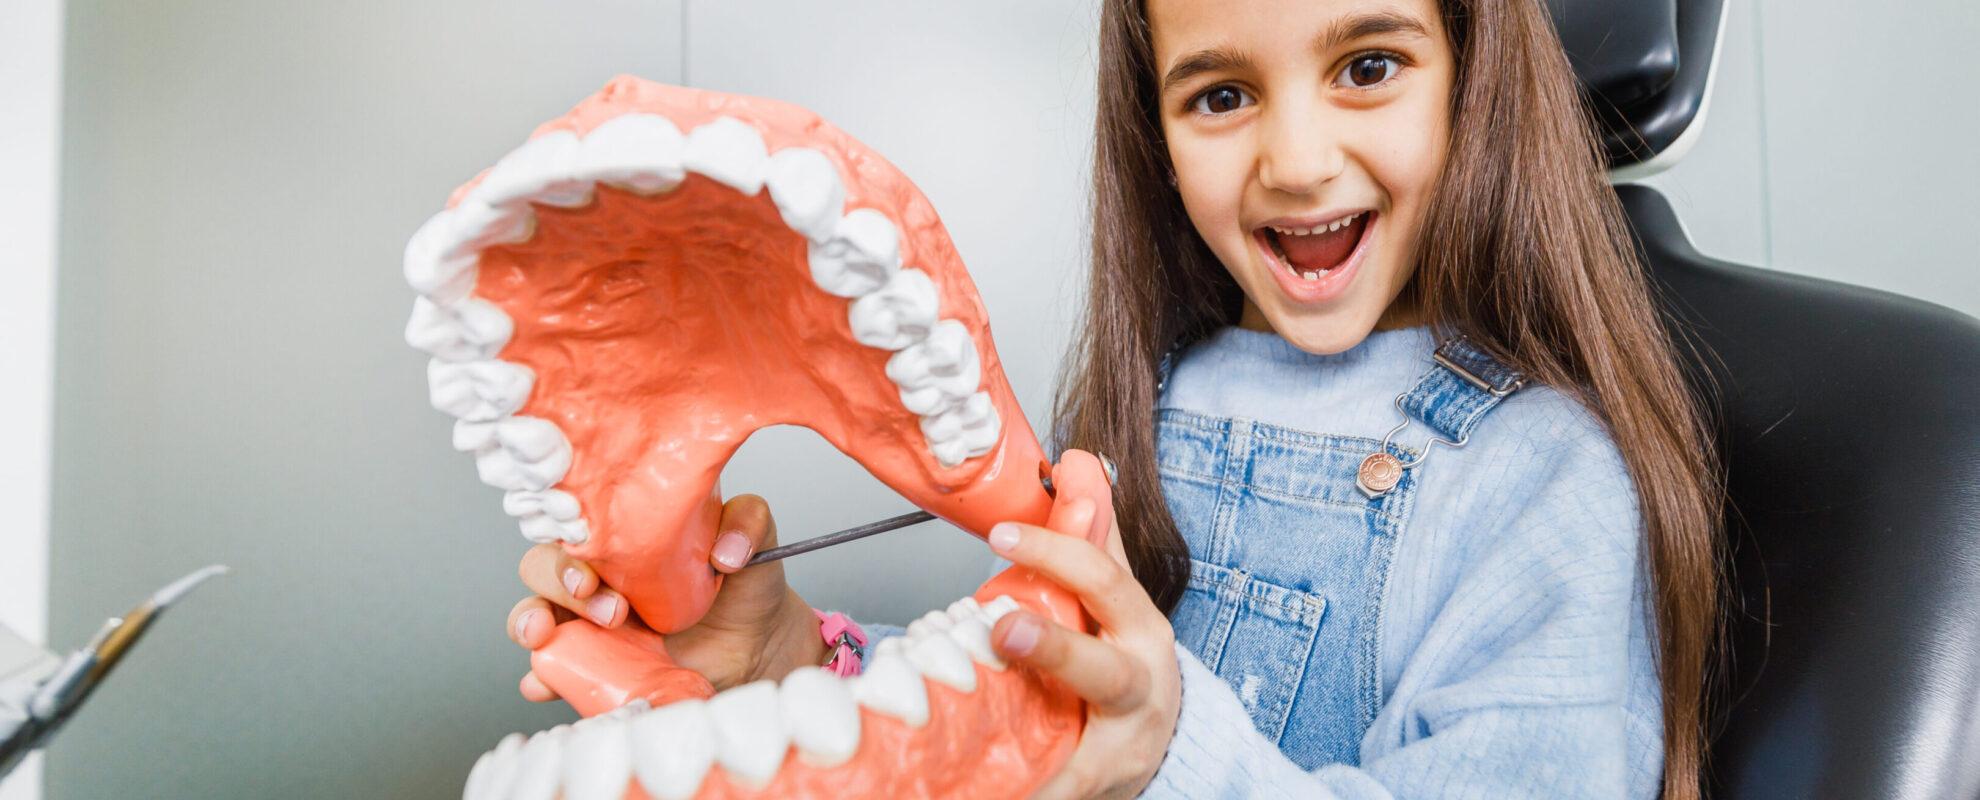 Junges Mädchen hält begeistert ein großes Modell eines Mundes